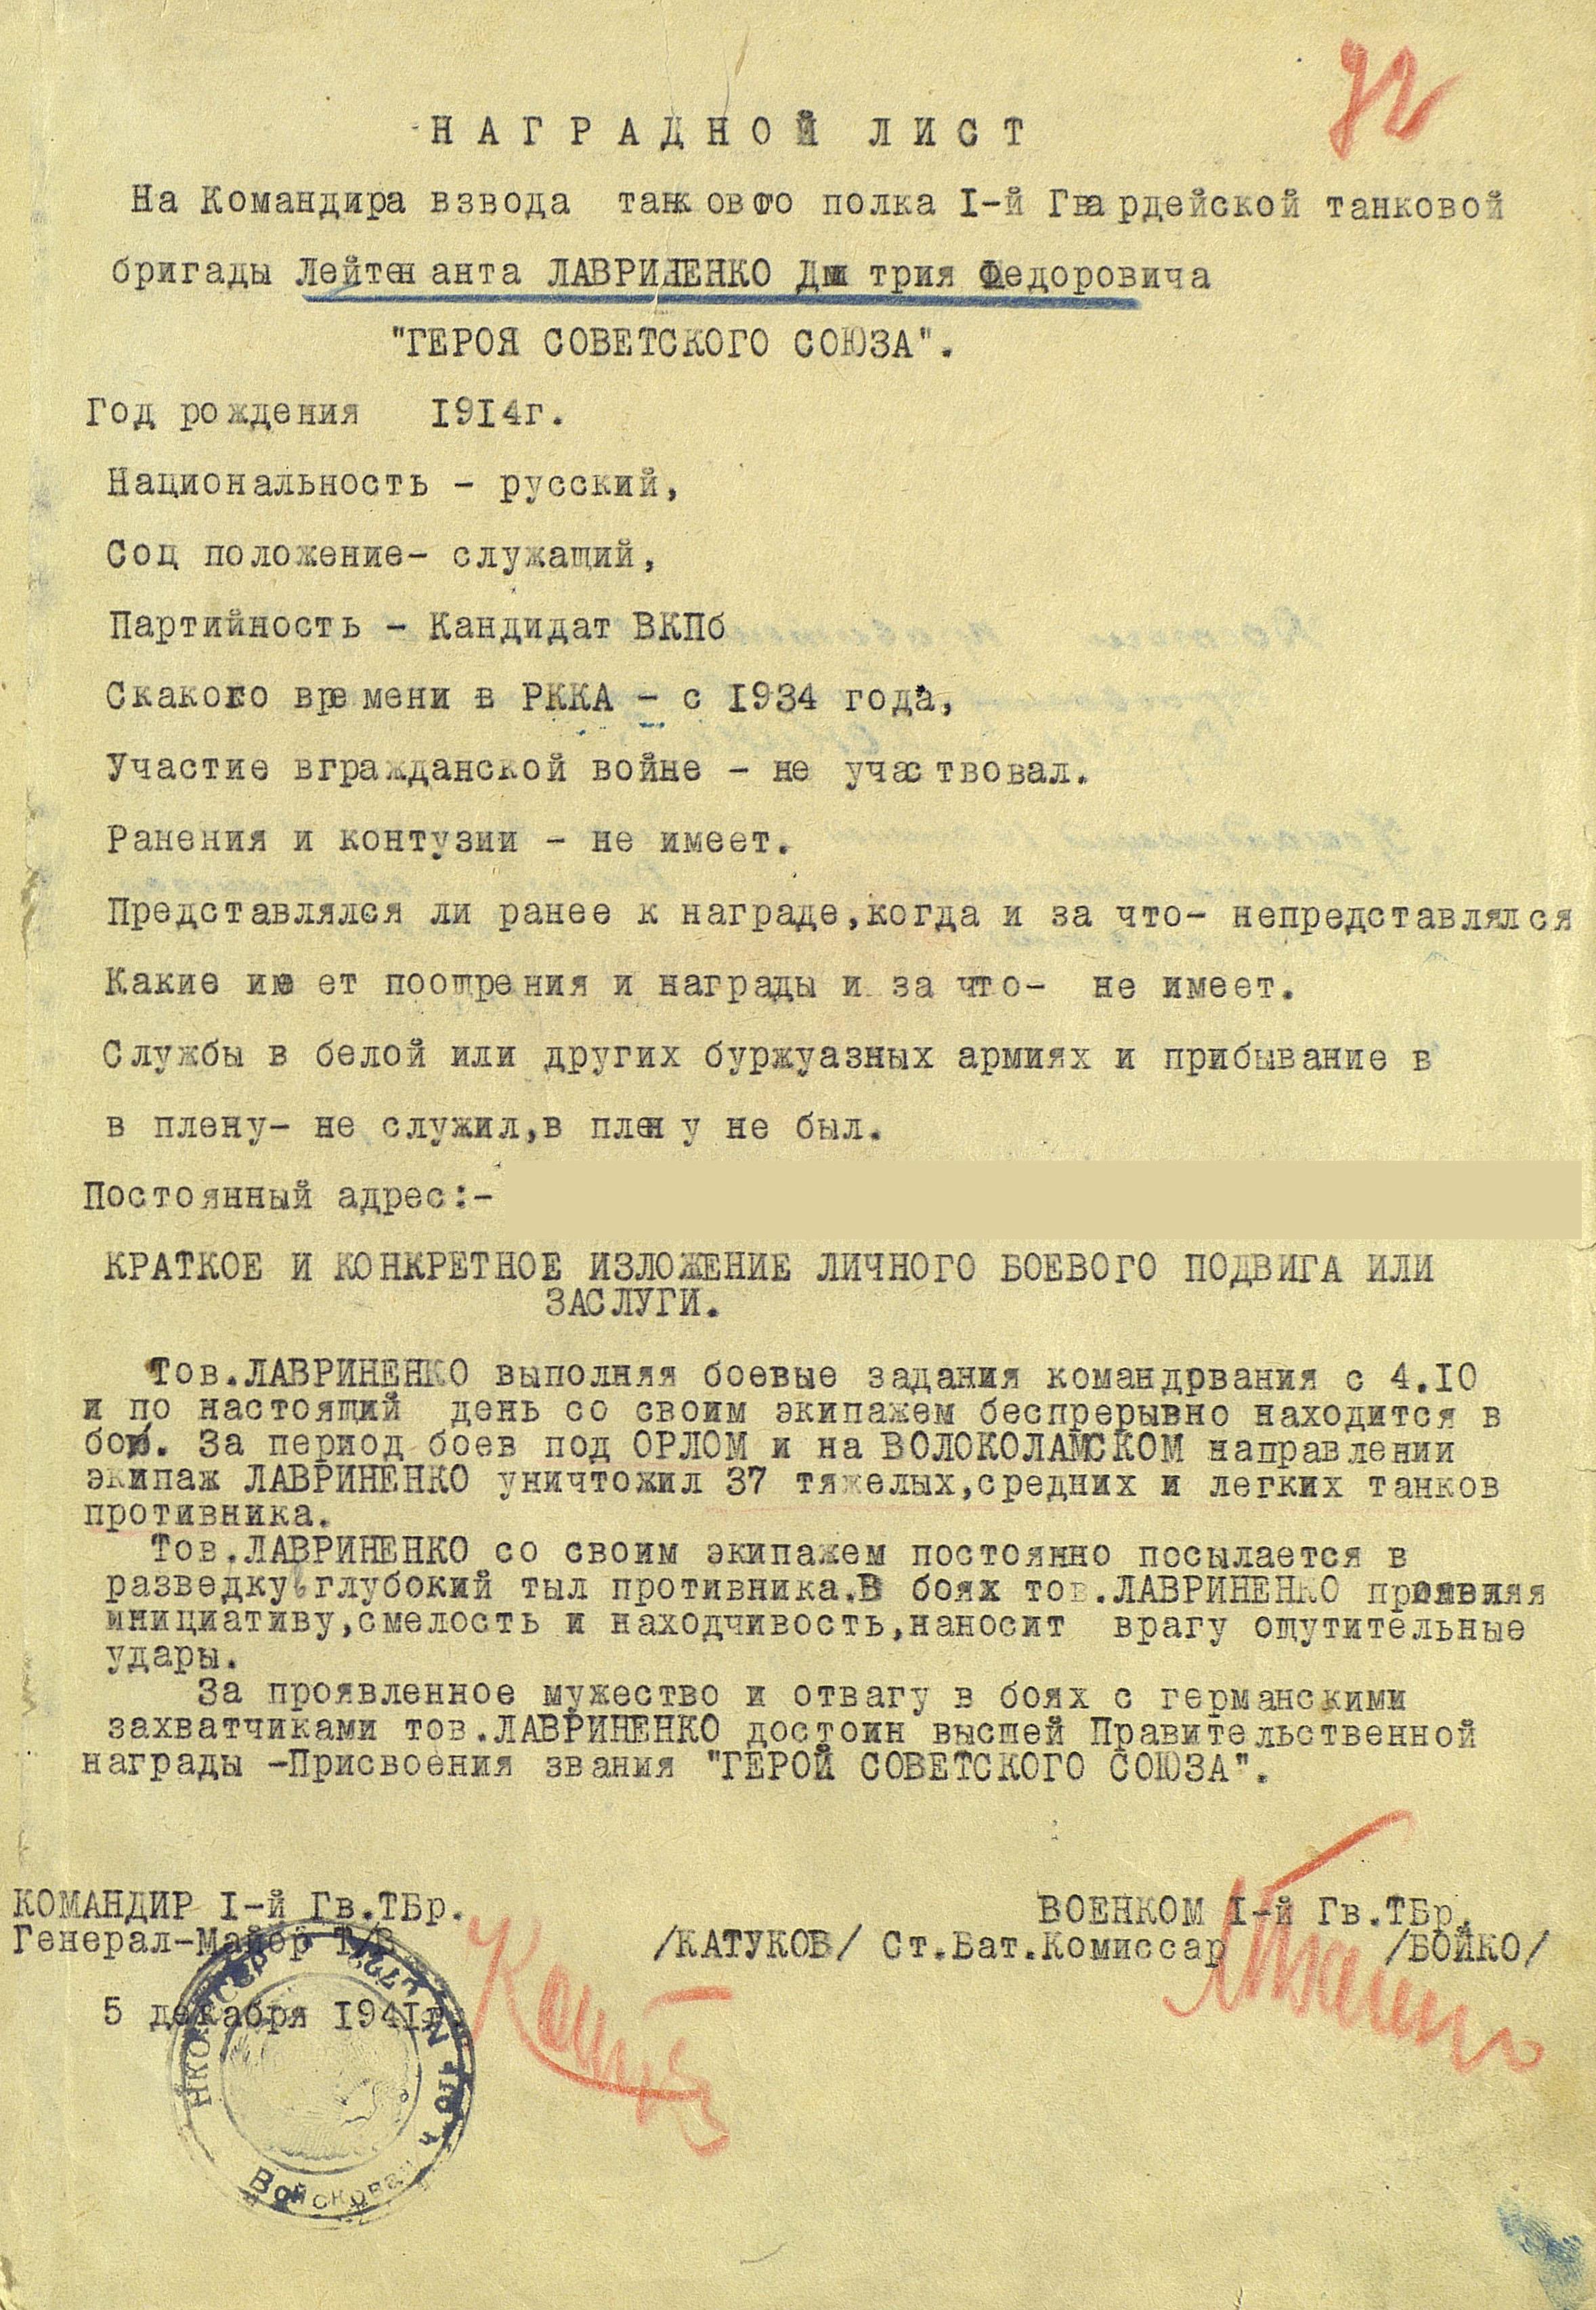 Наградной лист Лавриненко